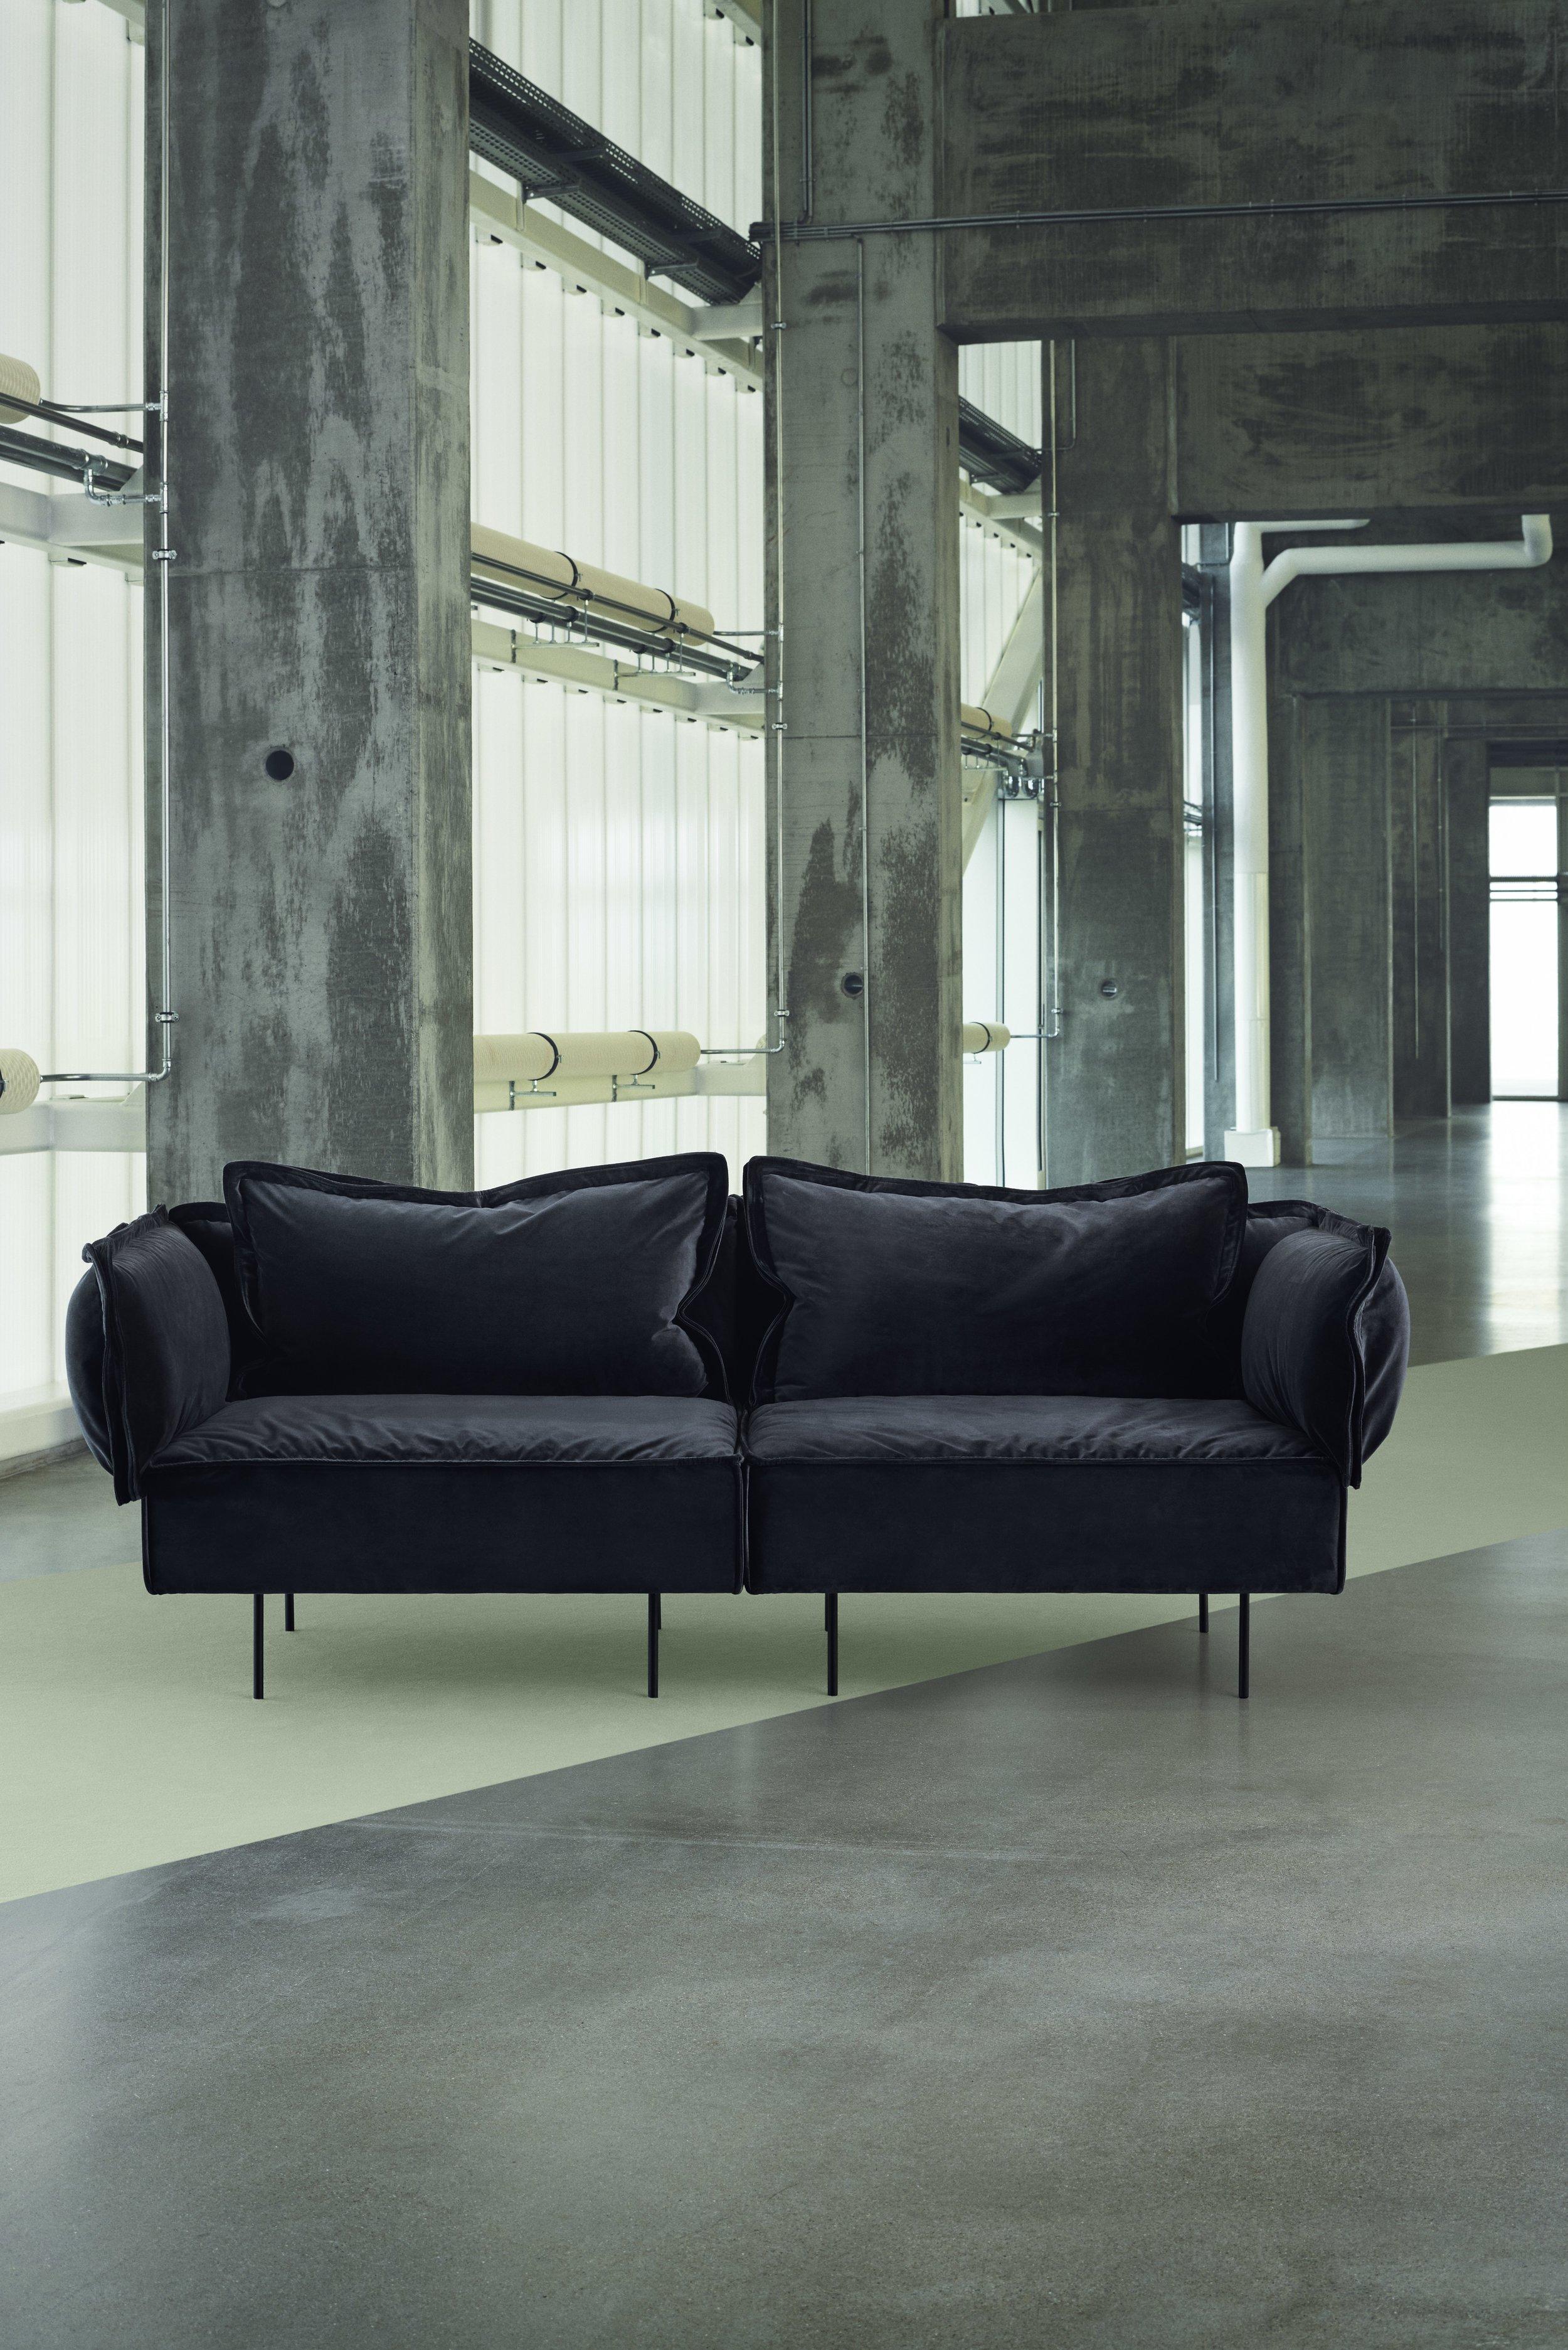 _HANDVARK CAMPAIGN 2017 - Modular Sofa in Dark Grey.jpeg